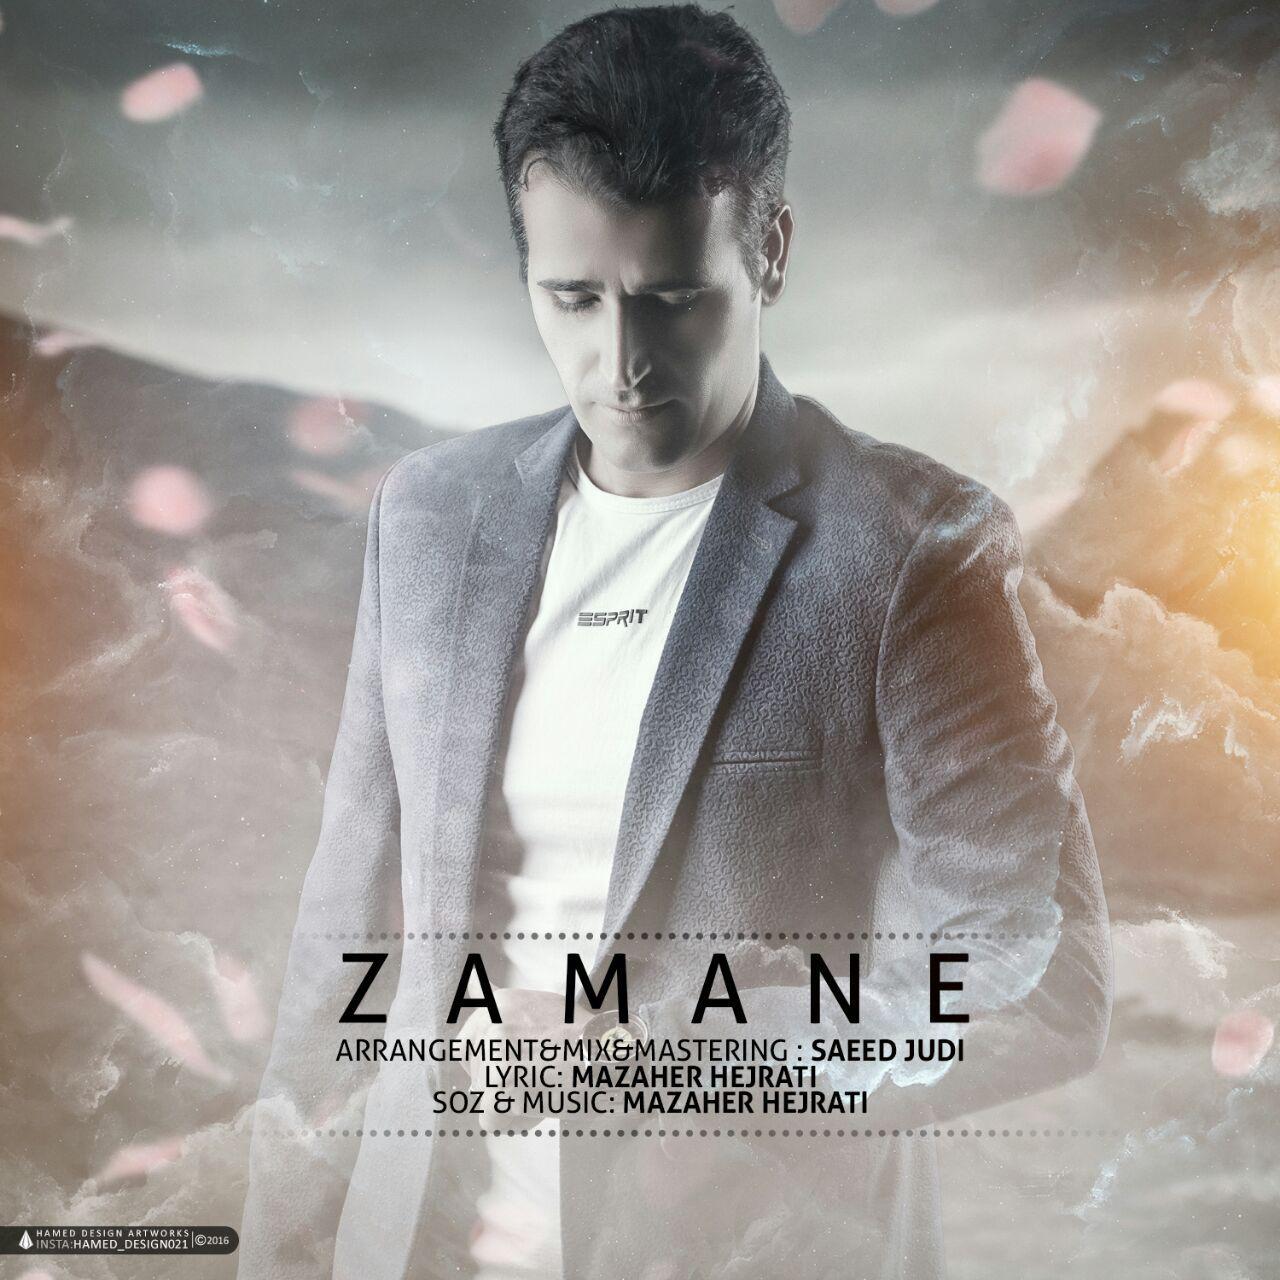 http://s8.picofile.com/file/8301222184/007Mazaher_Hejrati_Zamane.jpg